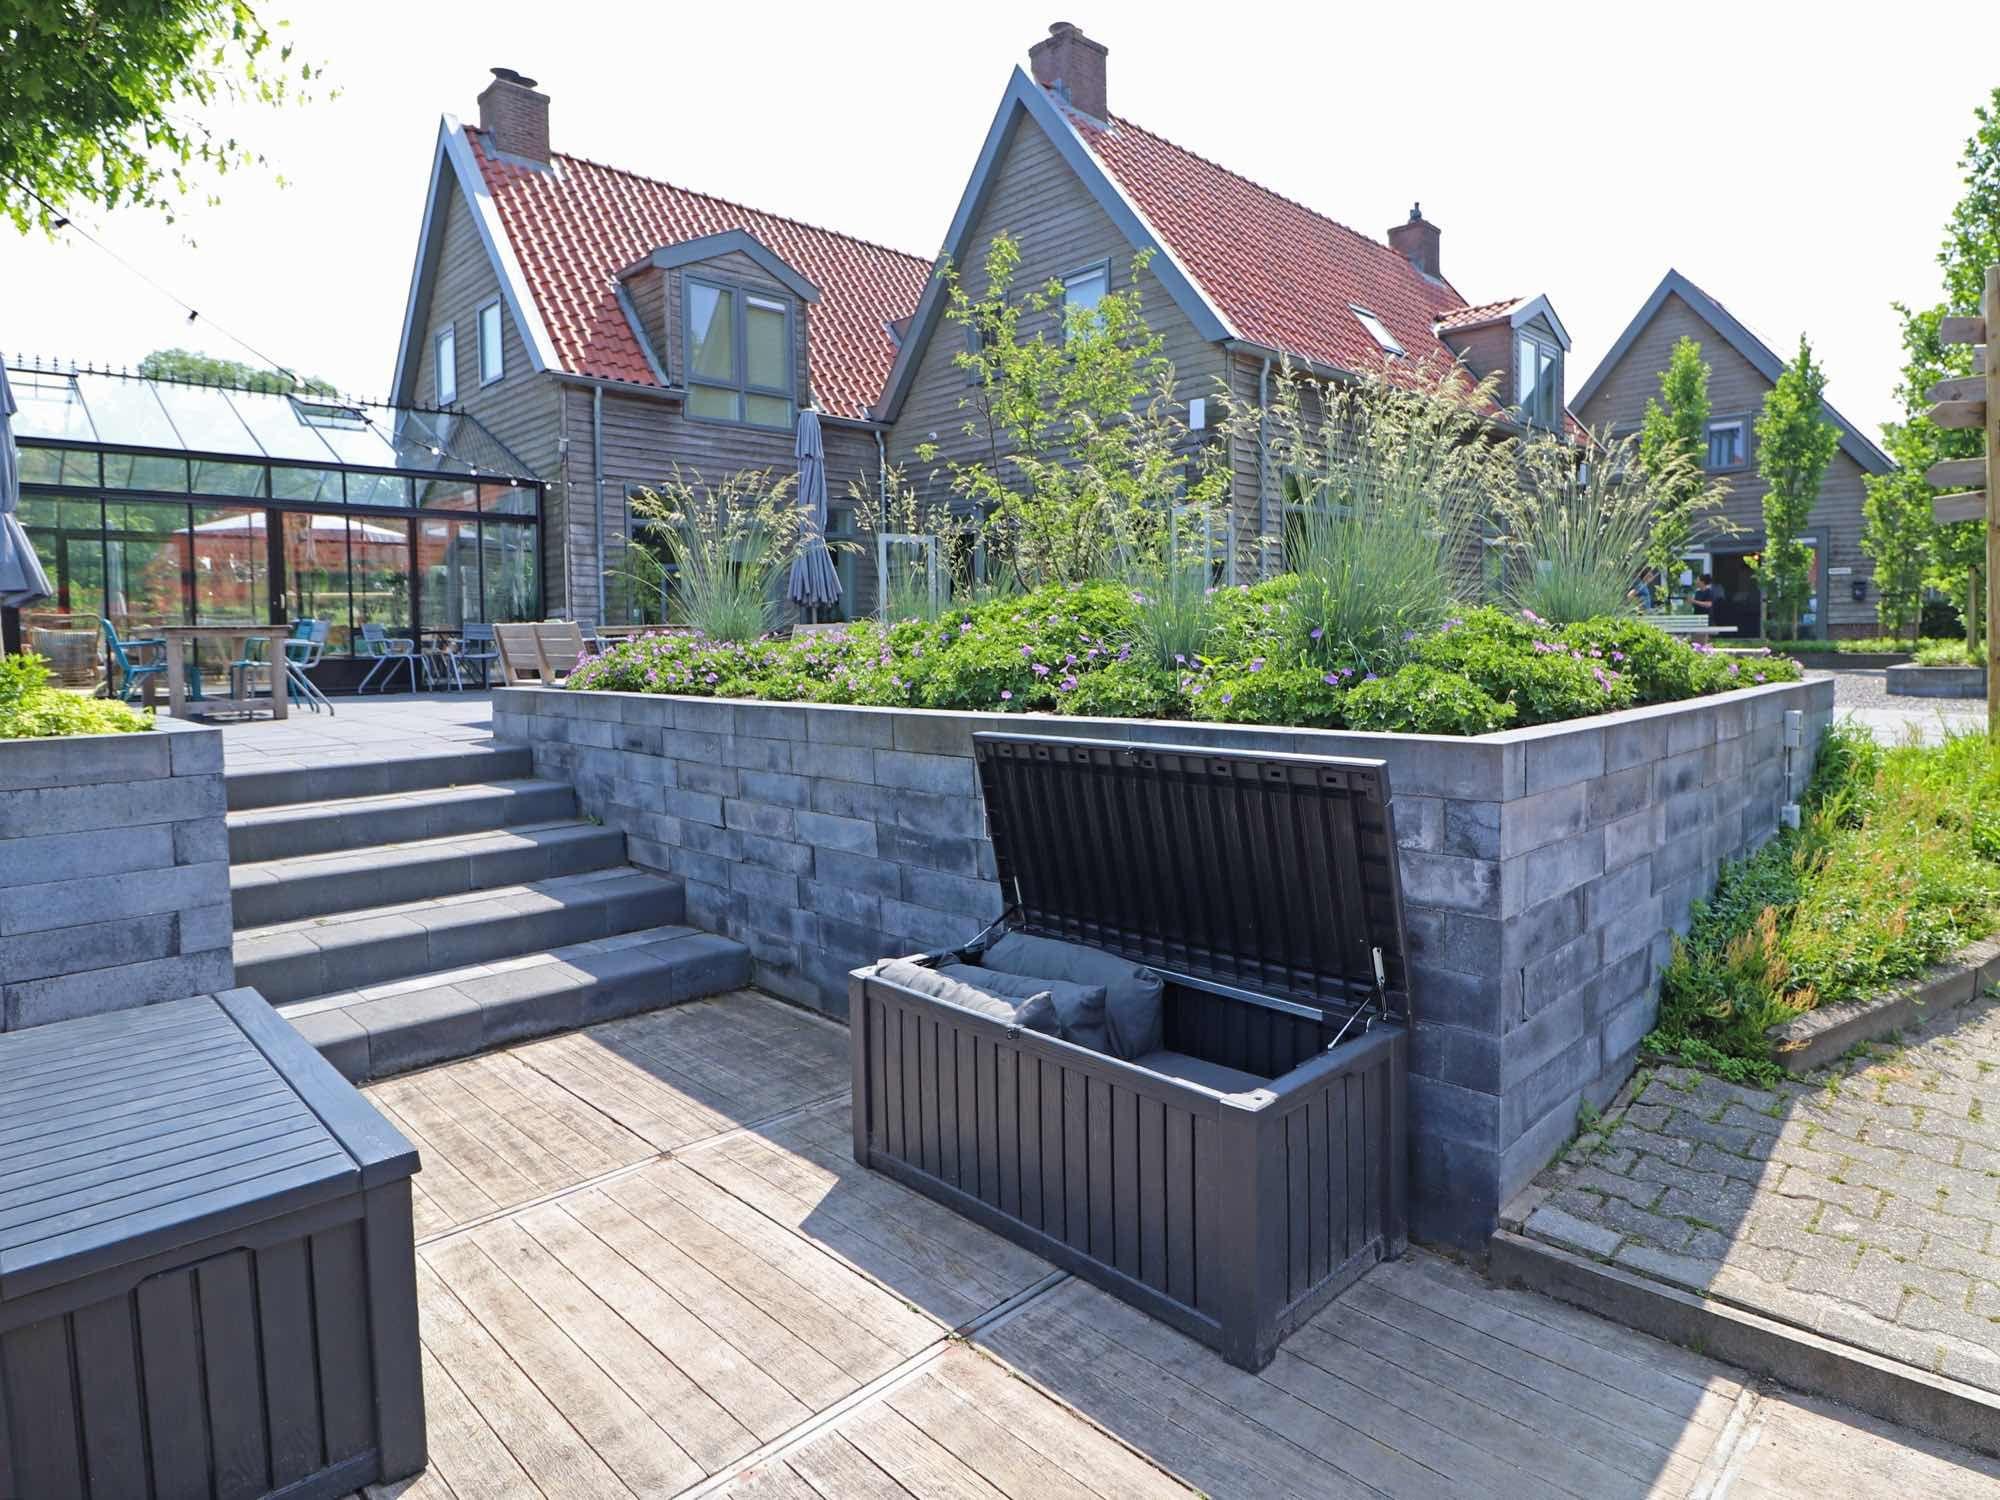 Opbergbox Kussens Tuin : Met deze mooie opbergbox kunt u de kussens gemakkelijk opruimen. ze